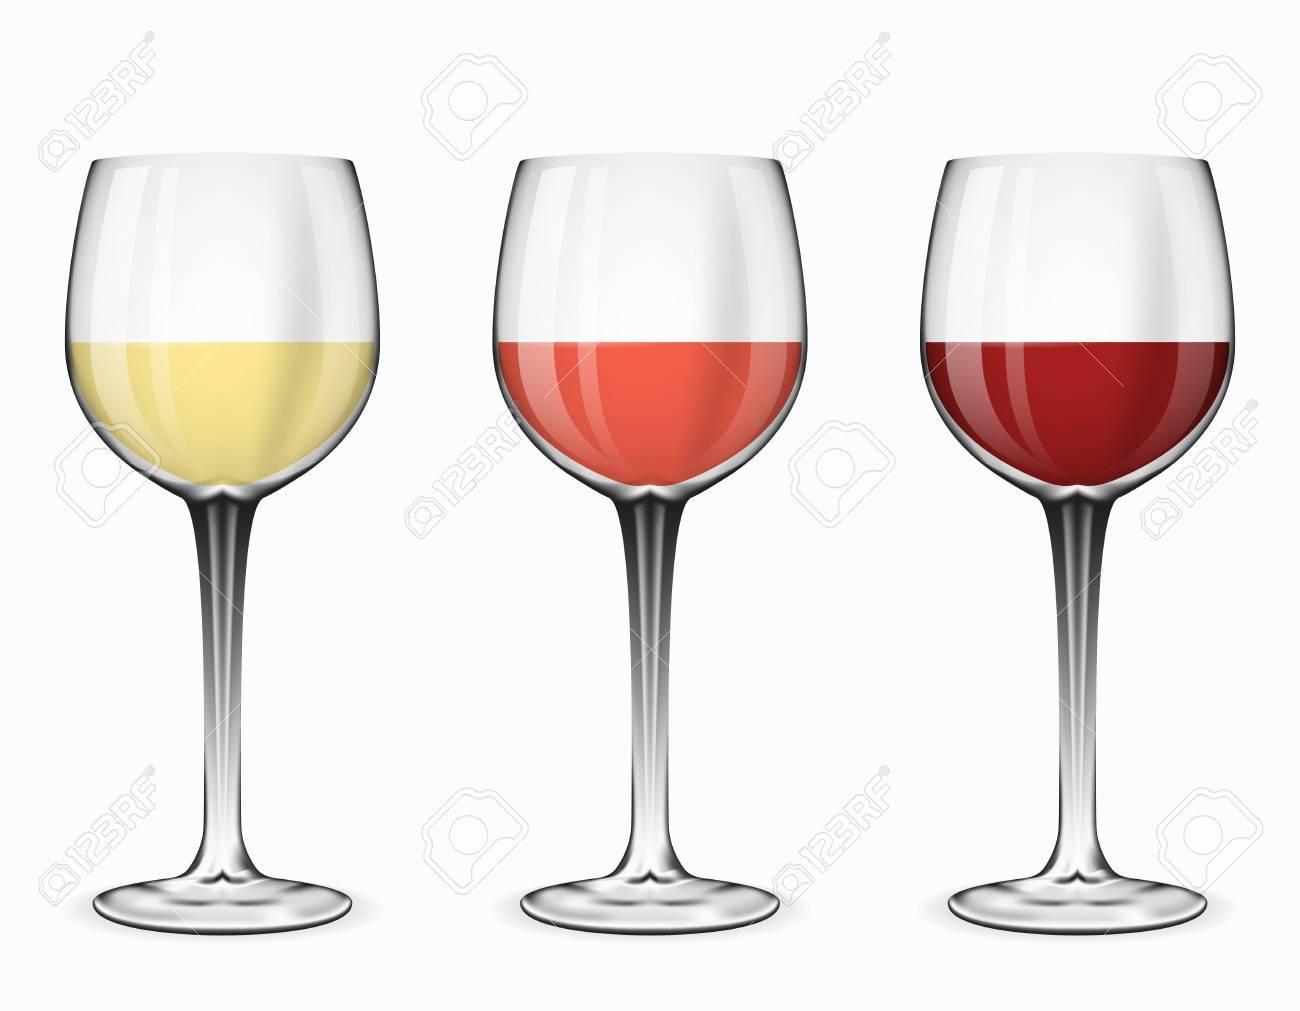 Vecteur de verres à vin. Verre de vin rouge, vin rose et vin blanc sur illustration blanche